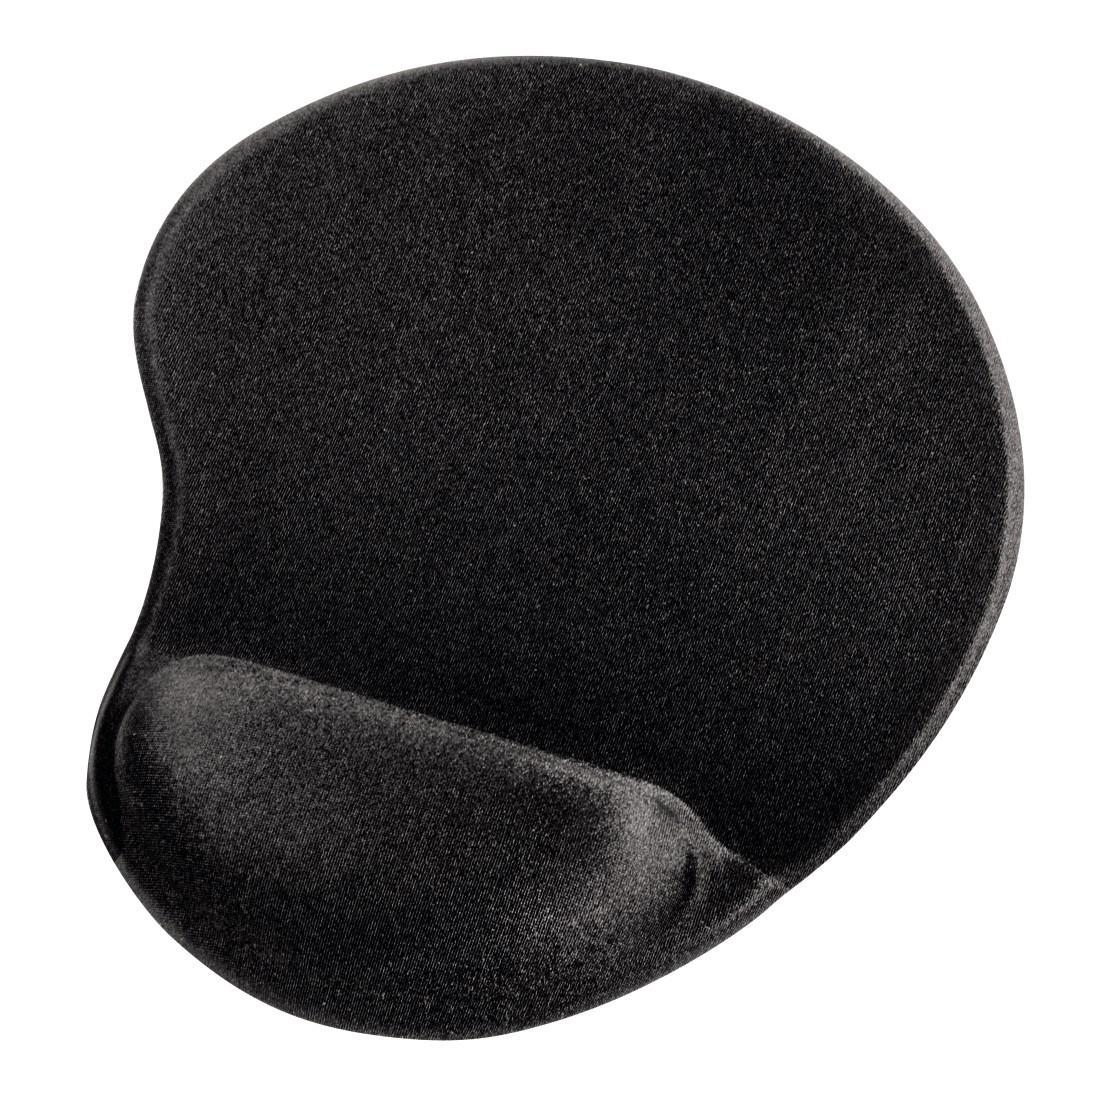 Пад за мишка HAMA Ergonomic 54777- мини, Текстил, Черен